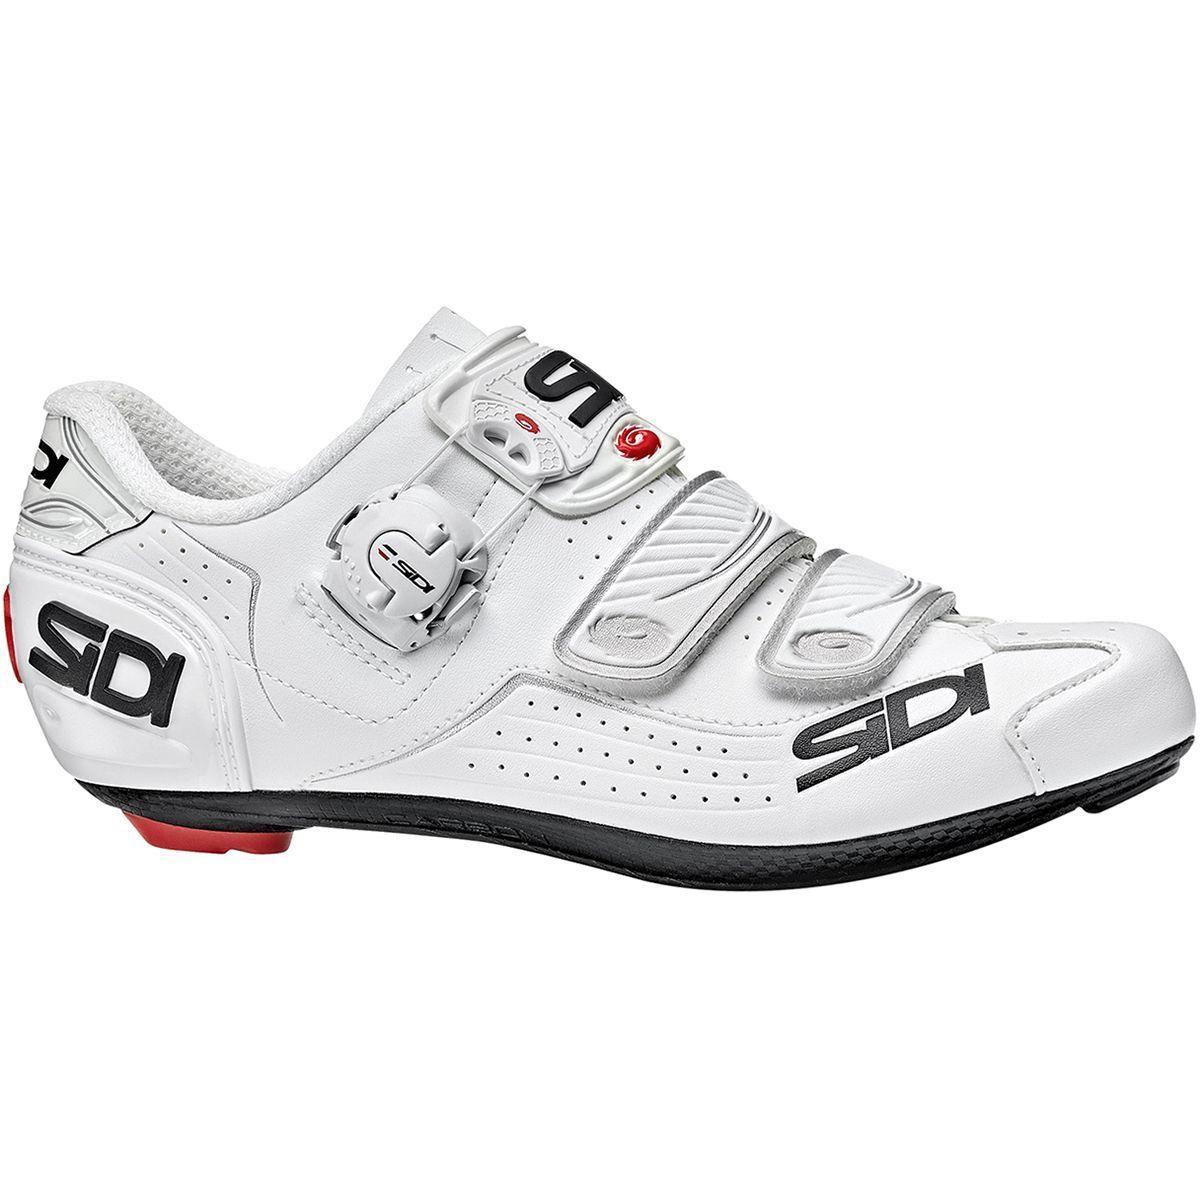 Sidi Alba Carbon Cycling Shoe Women S In 2020 Cycling Shoes